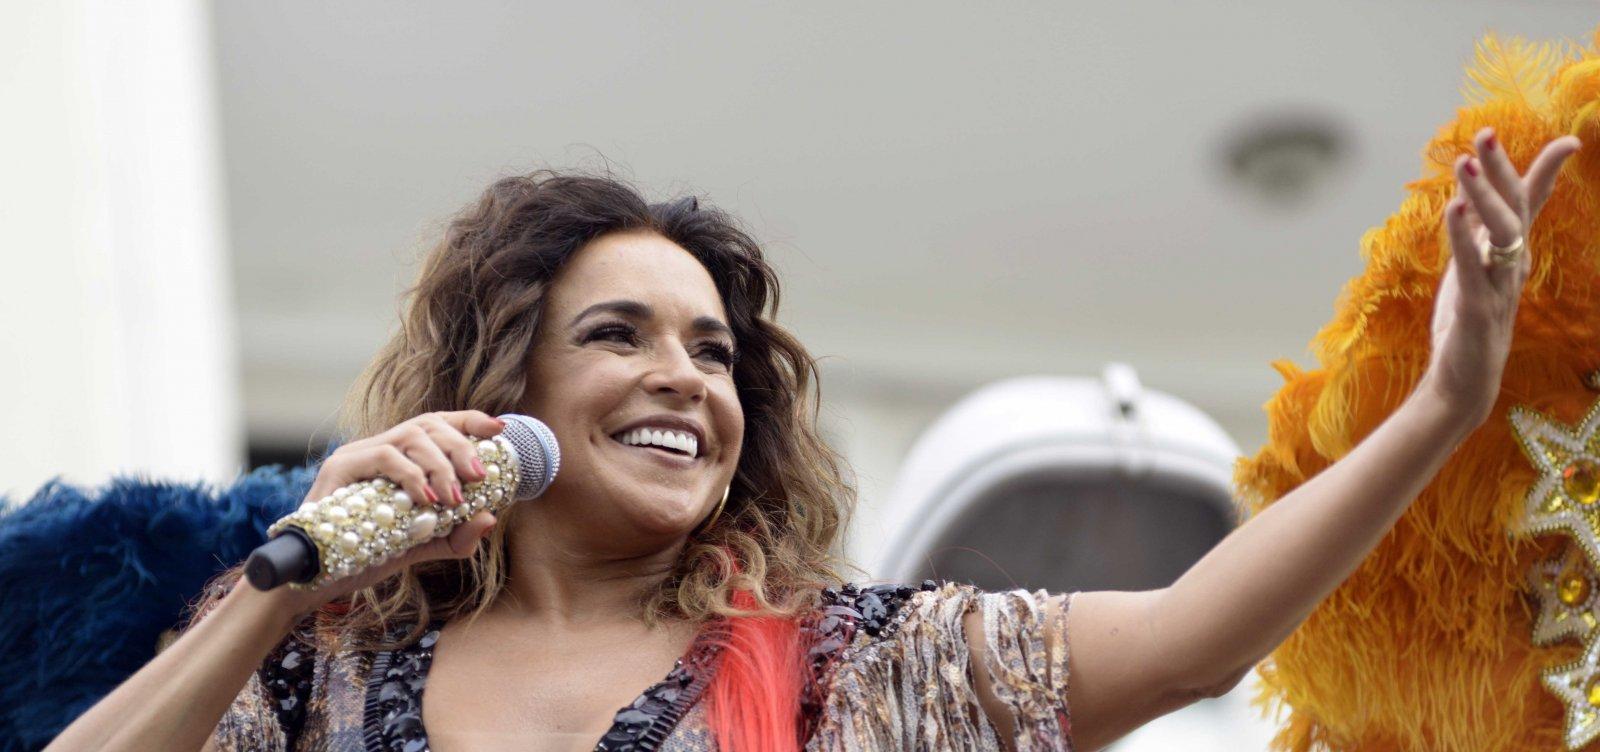 Após polêmica com Netinho, Daniela Mercury provoca ao lançar versão de 'Milla' no dia 17